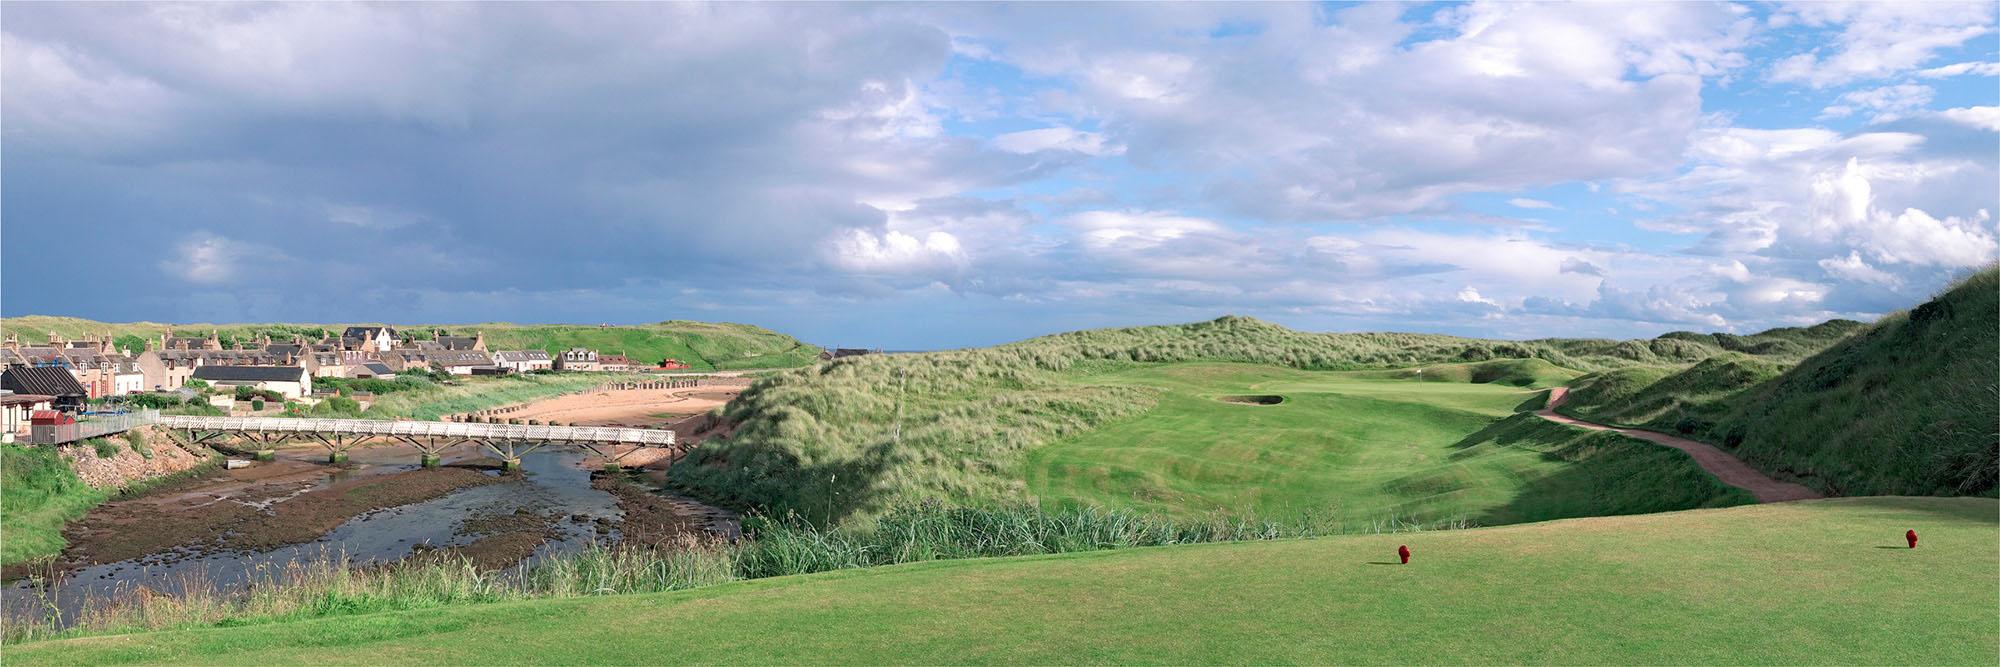 Golf Course Image - Cruden Bay No. 4